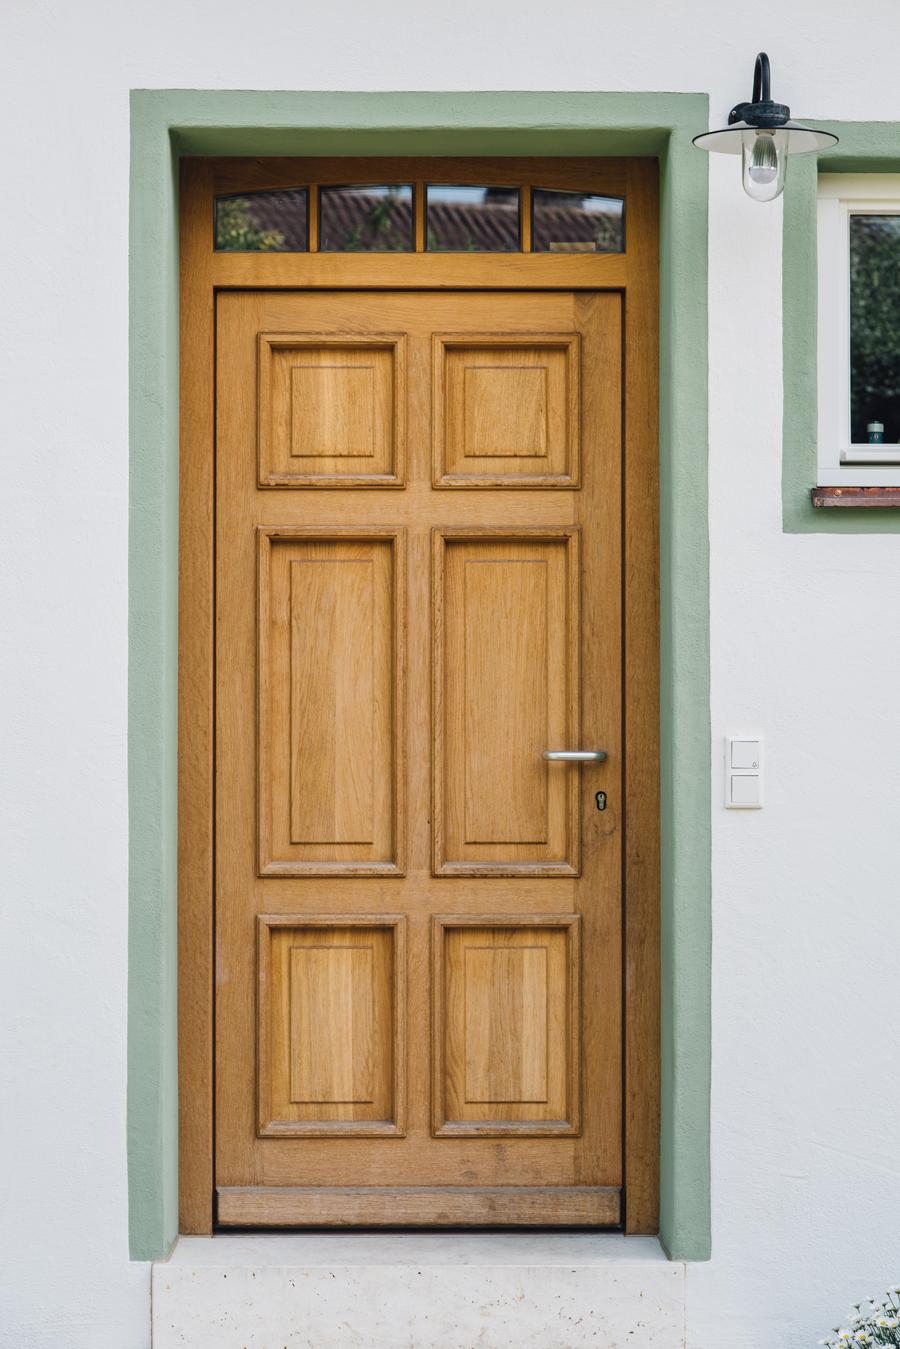 schreinerei kugler augsburger strasse 6 86633 neuburg an der donau feldkirchen tel. Black Bedroom Furniture Sets. Home Design Ideas